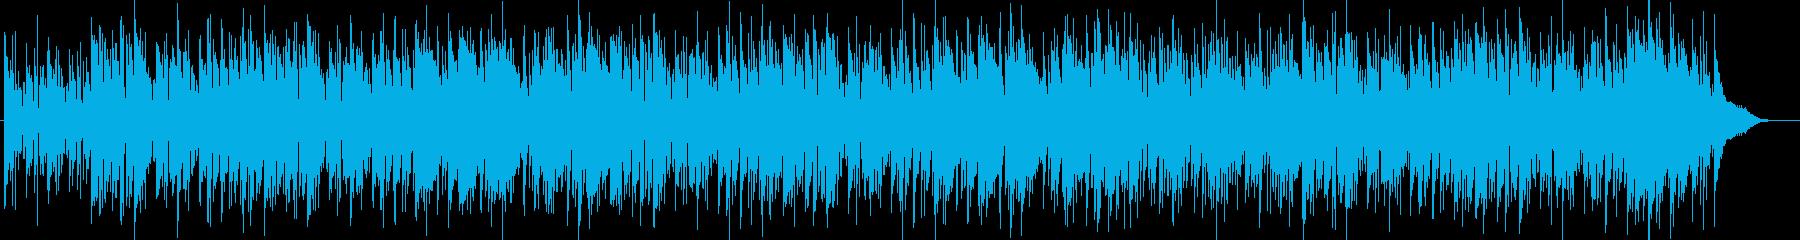 ボサノバ風の曲の再生済みの波形